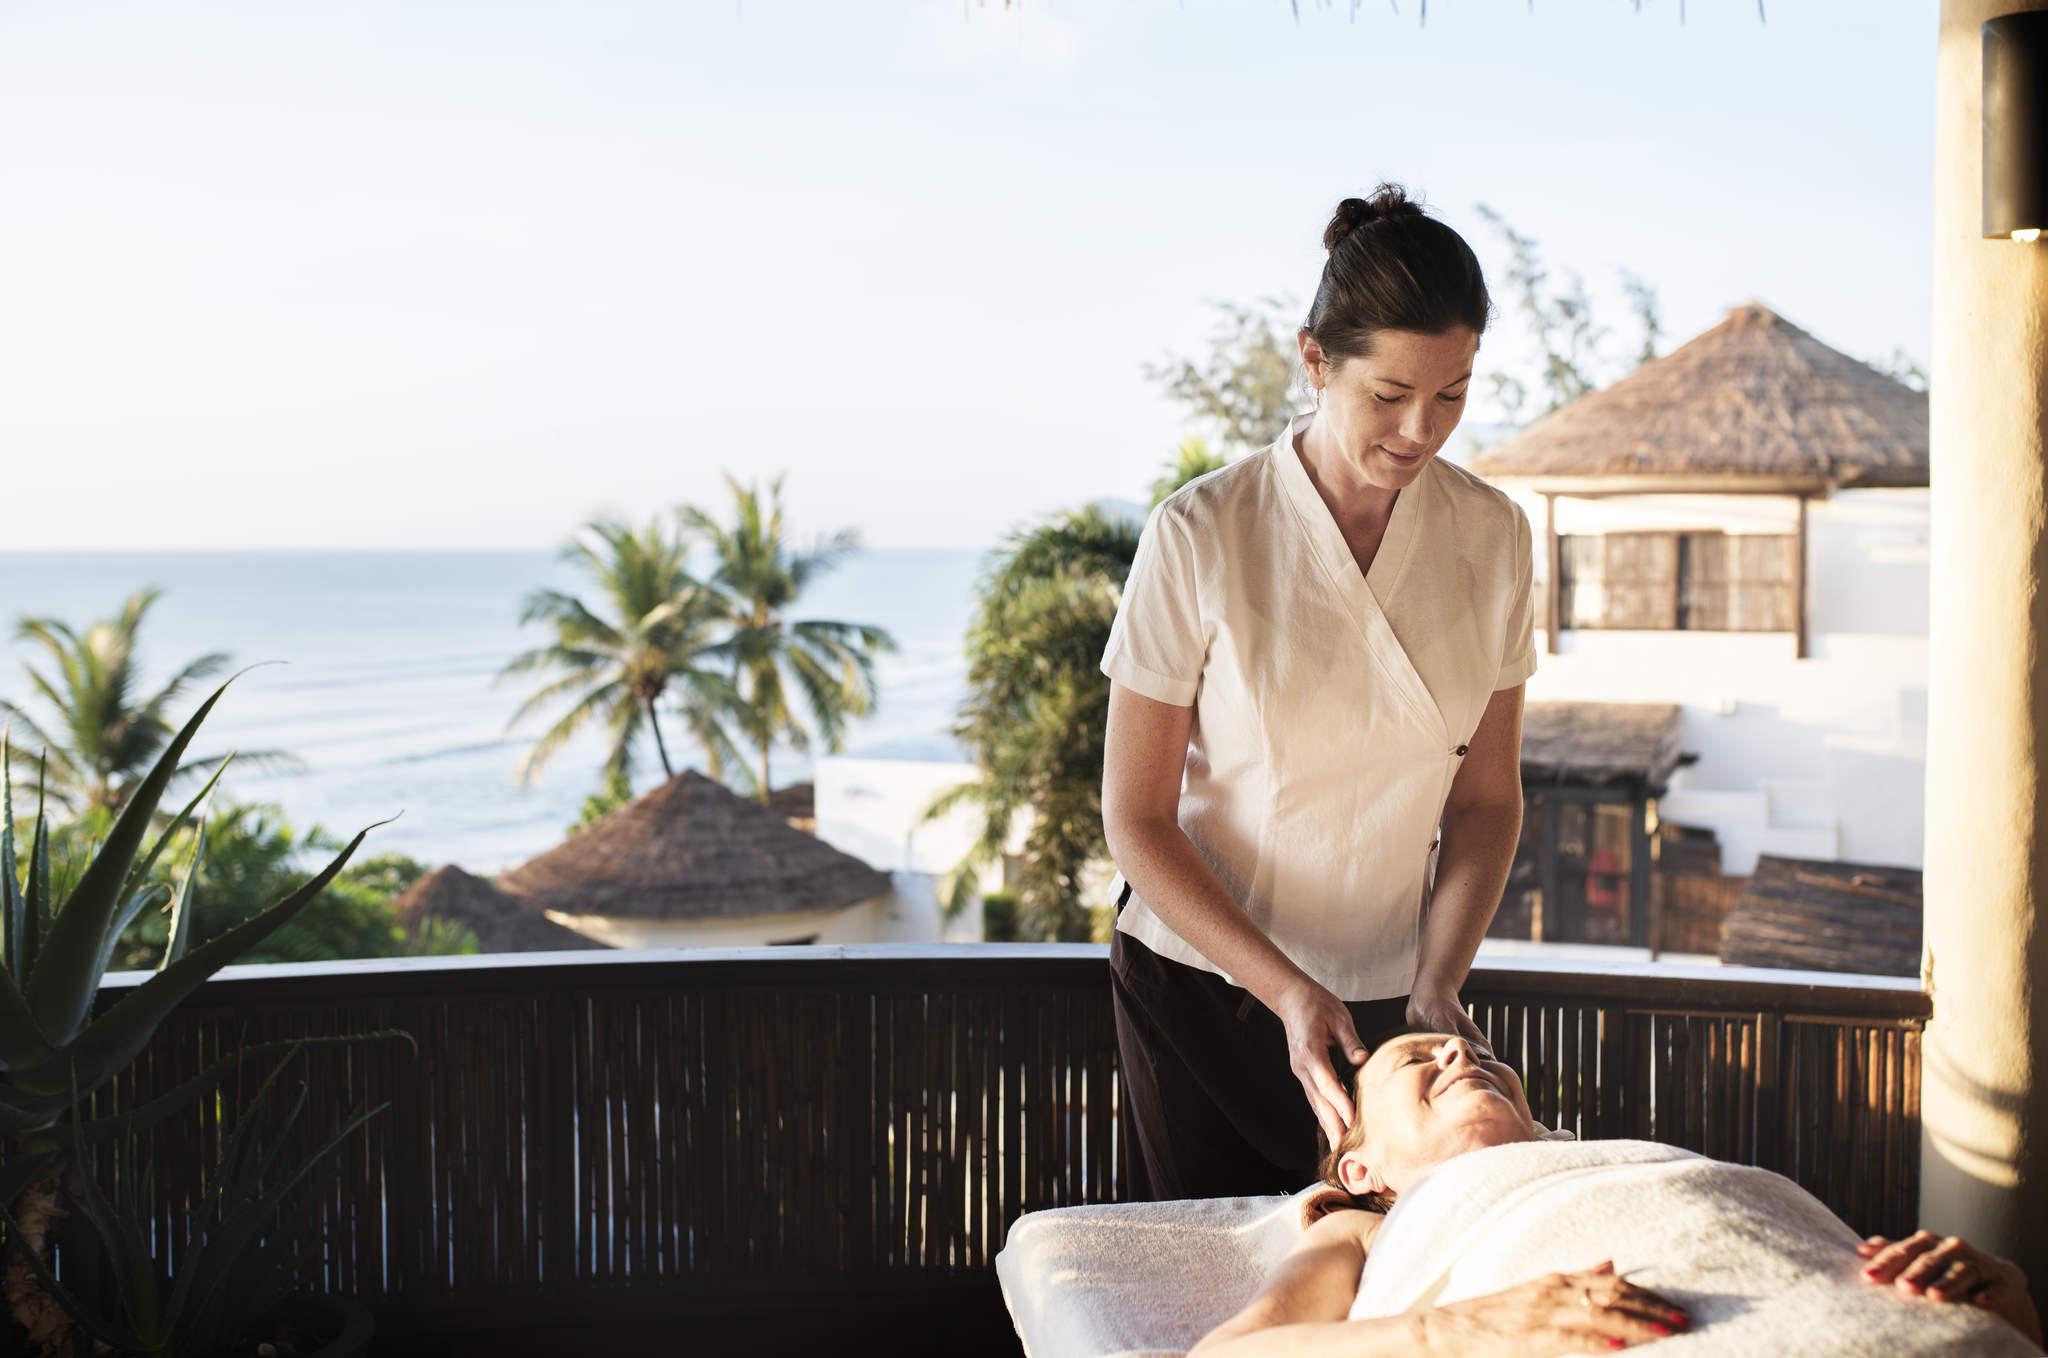 kadının başına masaj yapan masör, çam terebentin nasıl kullanılır